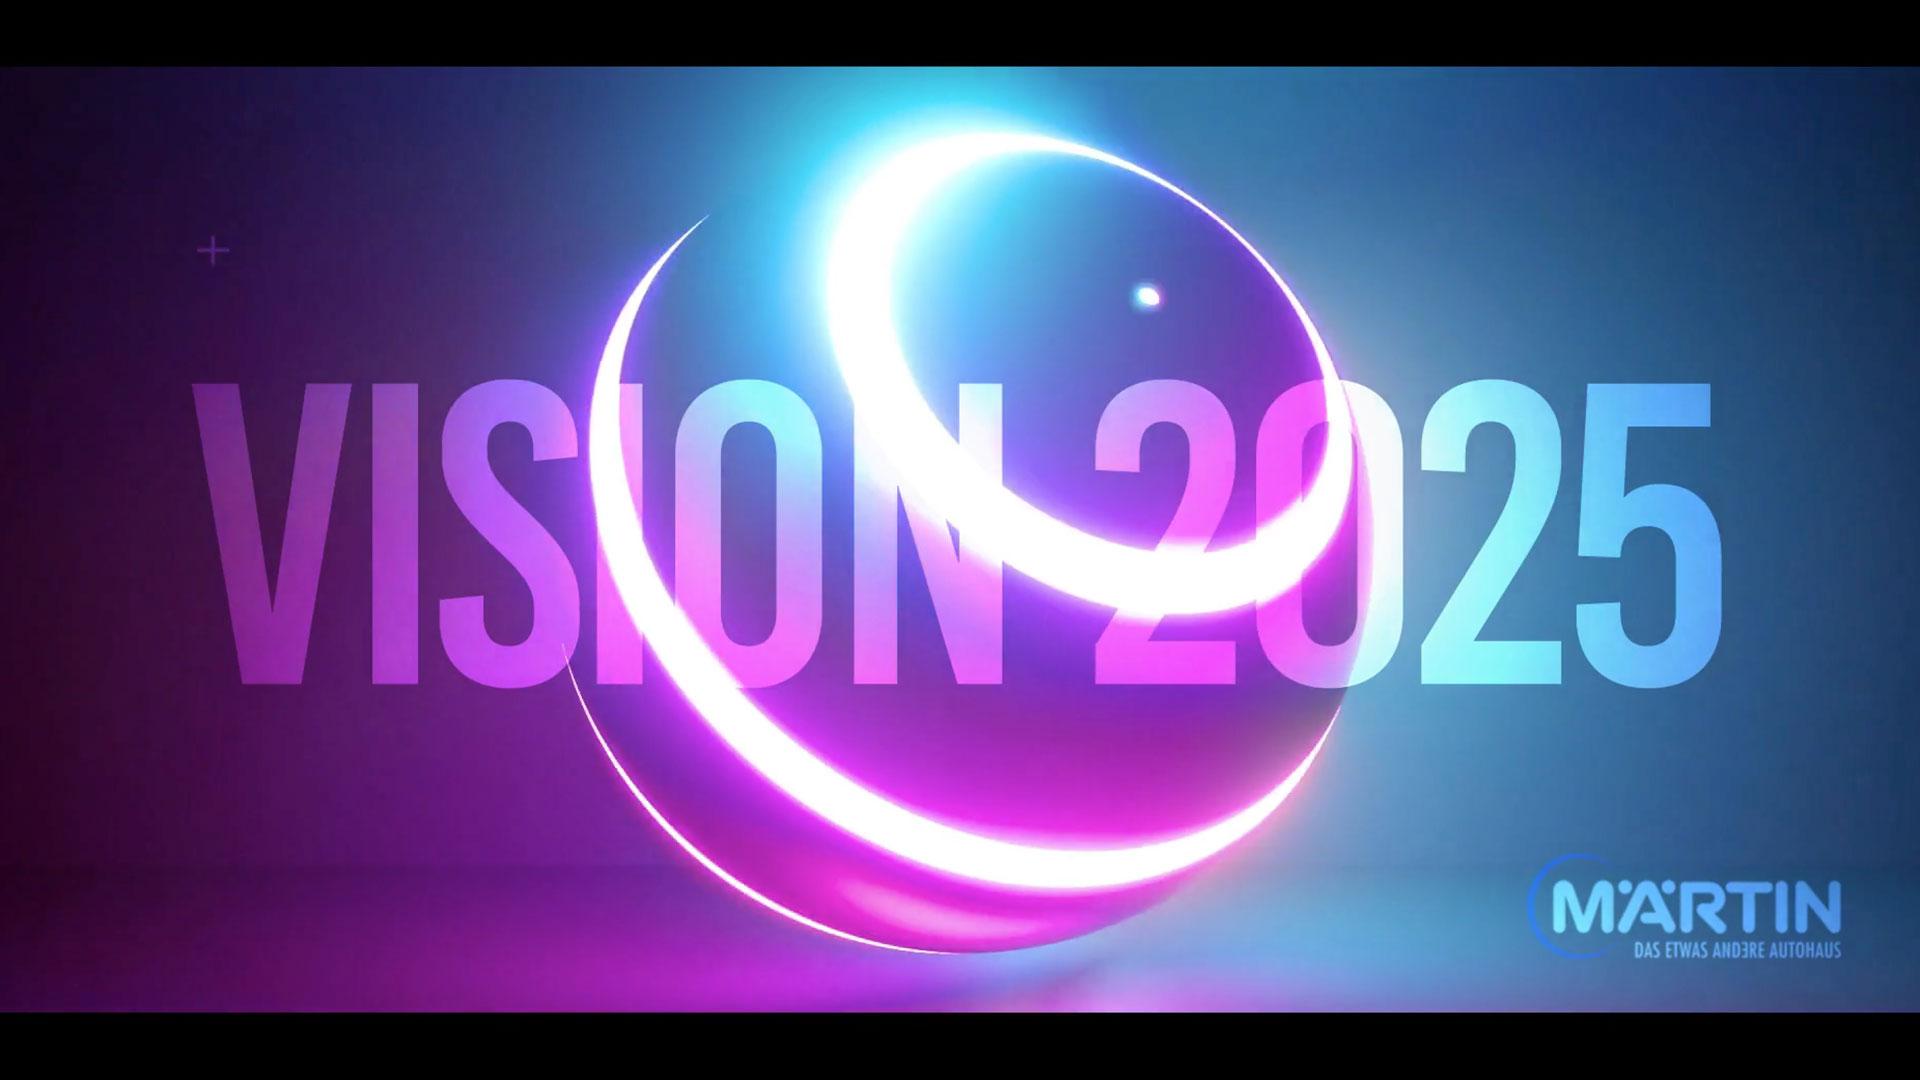 Ausschnitt aus dem Image-Clip Vision 2025 für das Autohaus BMW Maertin